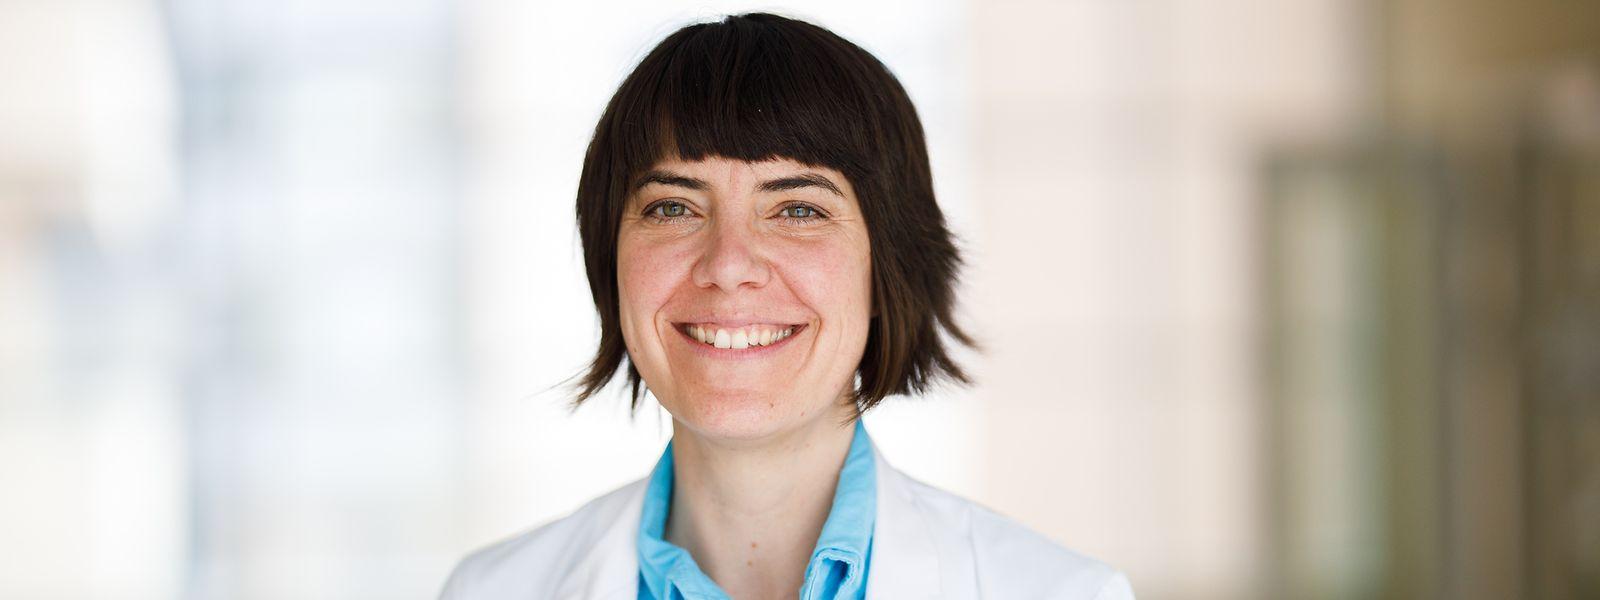 Die Leiterin der psychologischen Abteilung im Centre hospitalier de Luxembourg (CHL), Vanessa Grandjean, hat ein Team von Betreuern aufgestellt, das sich täglich um das seelische Wohlbefinden der Covid-19-Patienten und deren Familien kümmert.